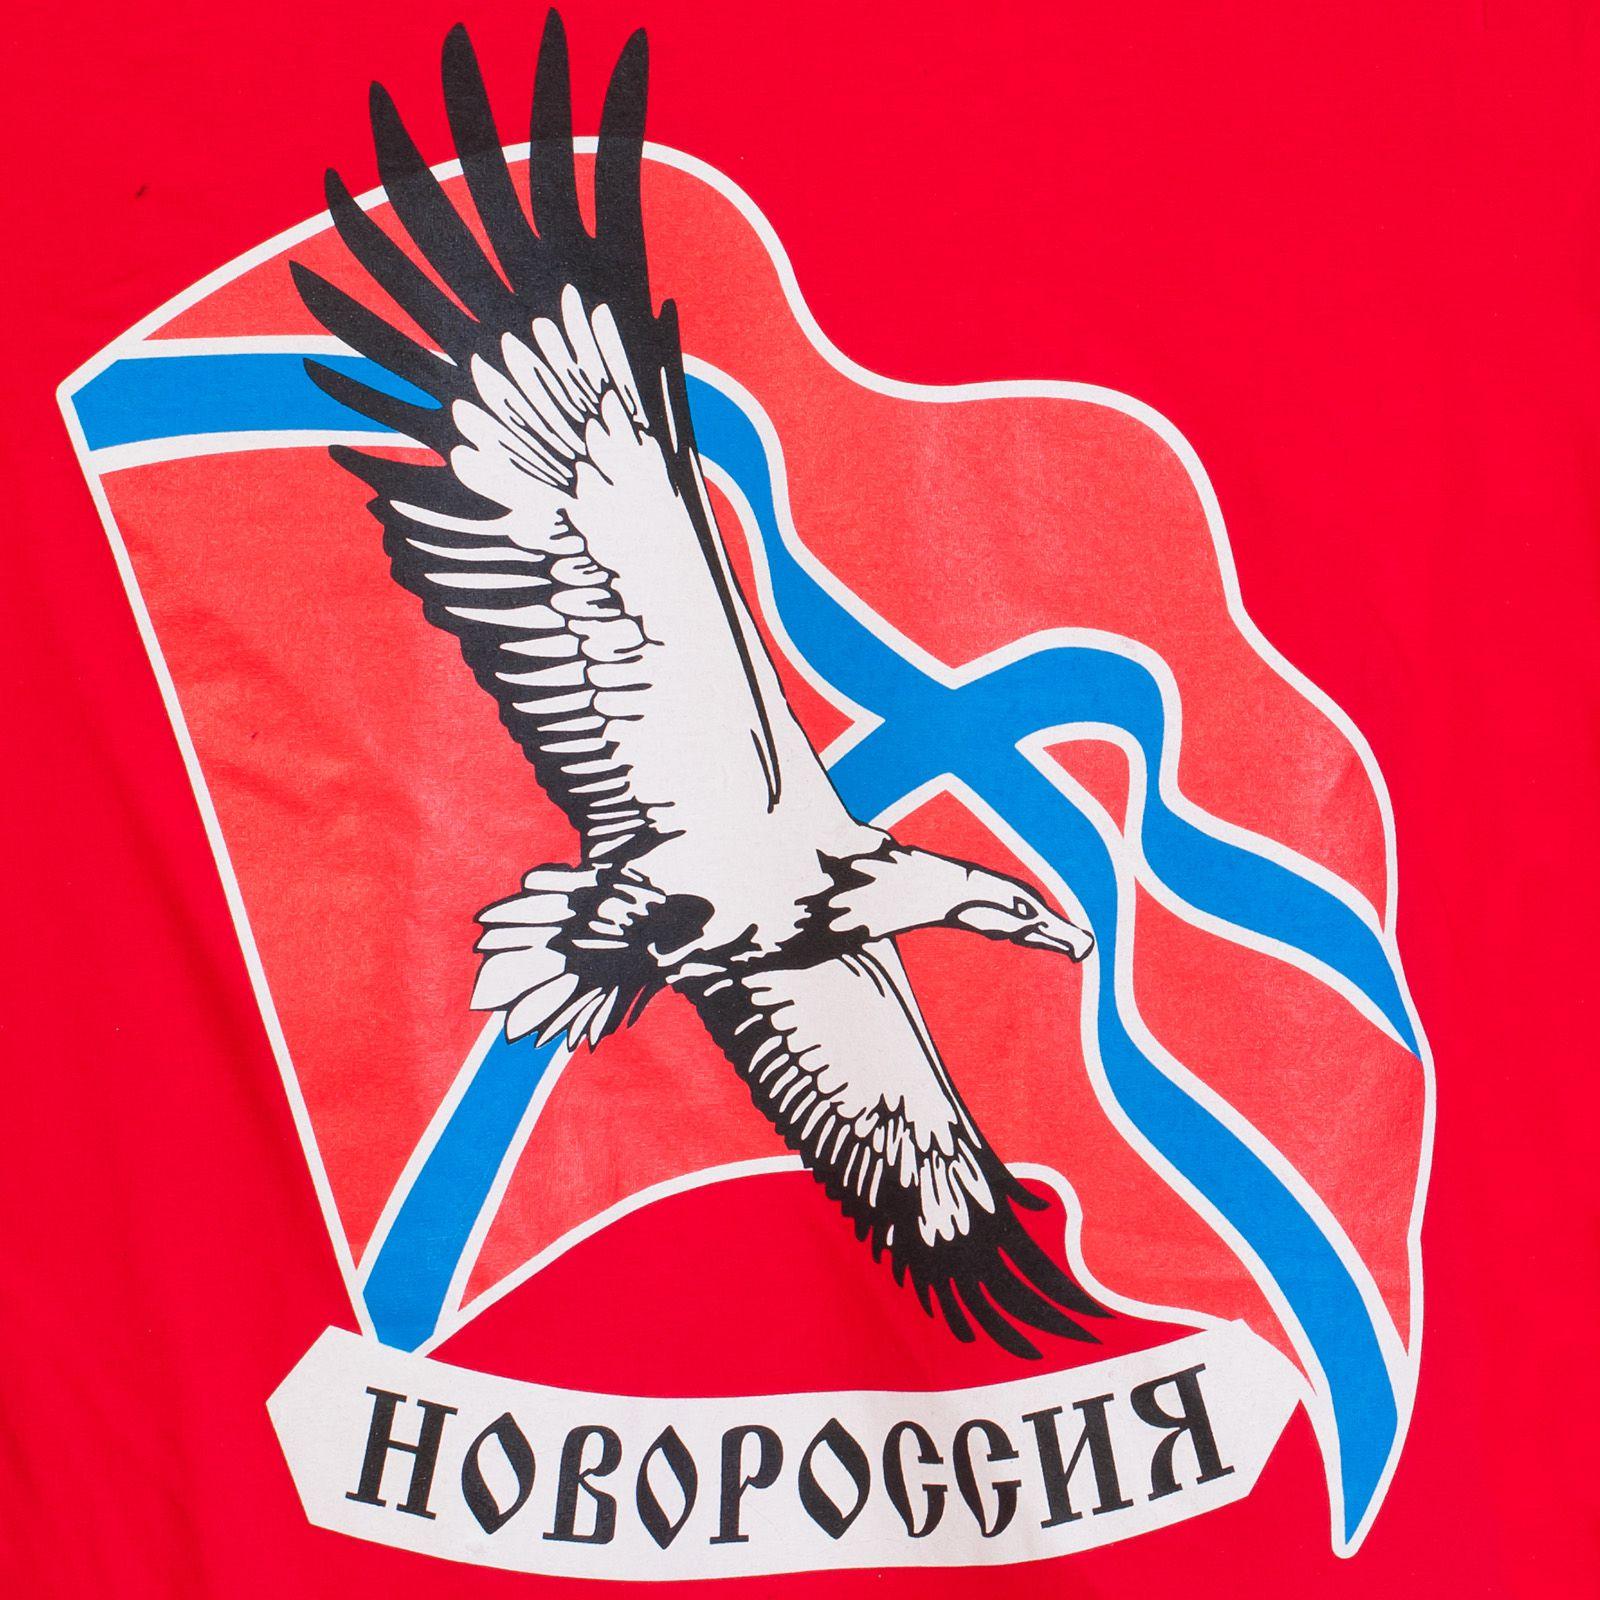 Футболка «Свободная Новороссия» - цветной принт